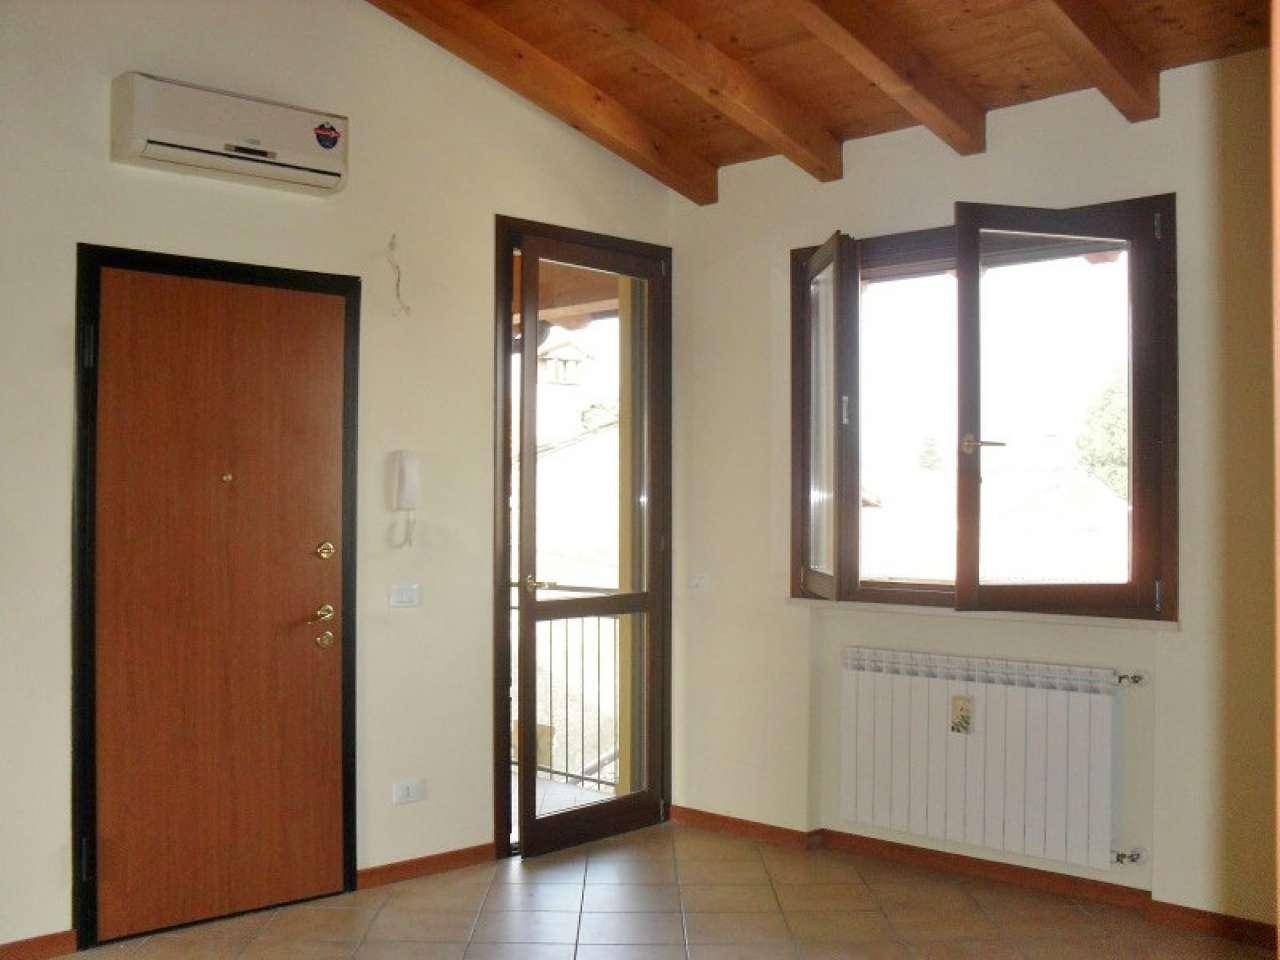 Appartamento in vendita a Soresina, 3 locali, prezzo € 120.000   PortaleAgenzieImmobiliari.it